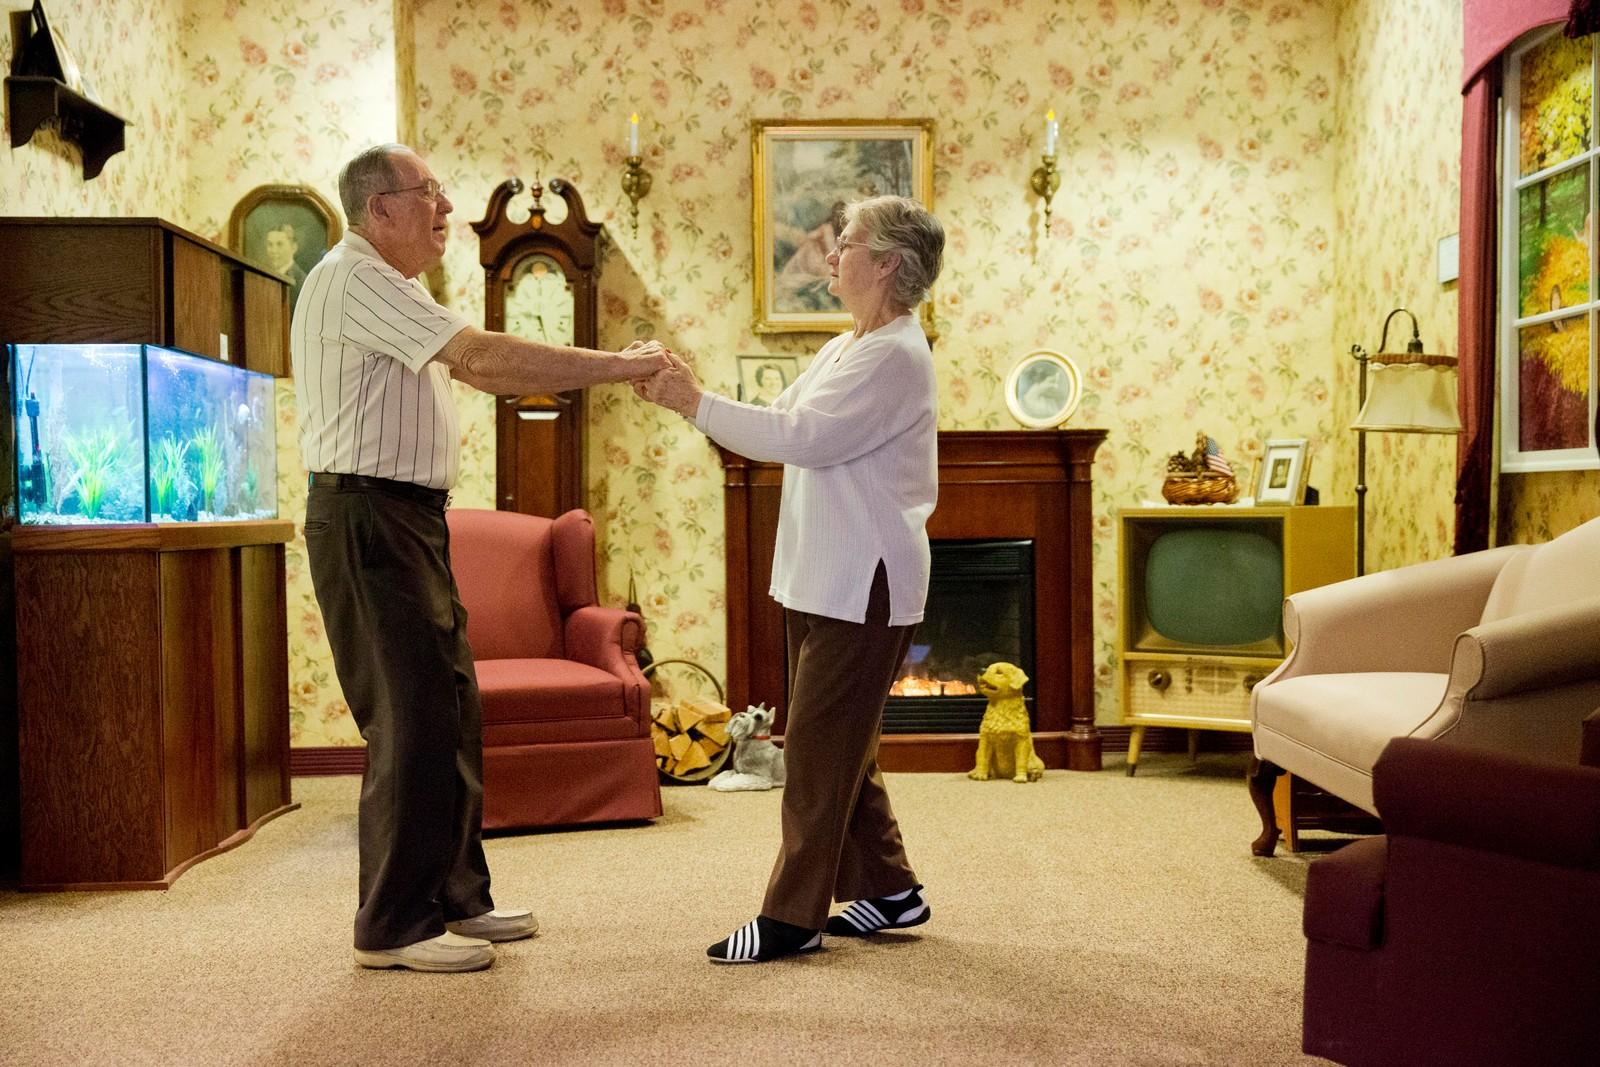 Decima Assise lider av Alzheimer. Her danser hun sammen med Harry Lomping til gammel musikk i et rom dekorert som på midten av forrige århundre. Det amerikanske pleiehjemmet Easton Home er kjent for sine tiltak som skal stimulere hukommelsen til demente pasienter.